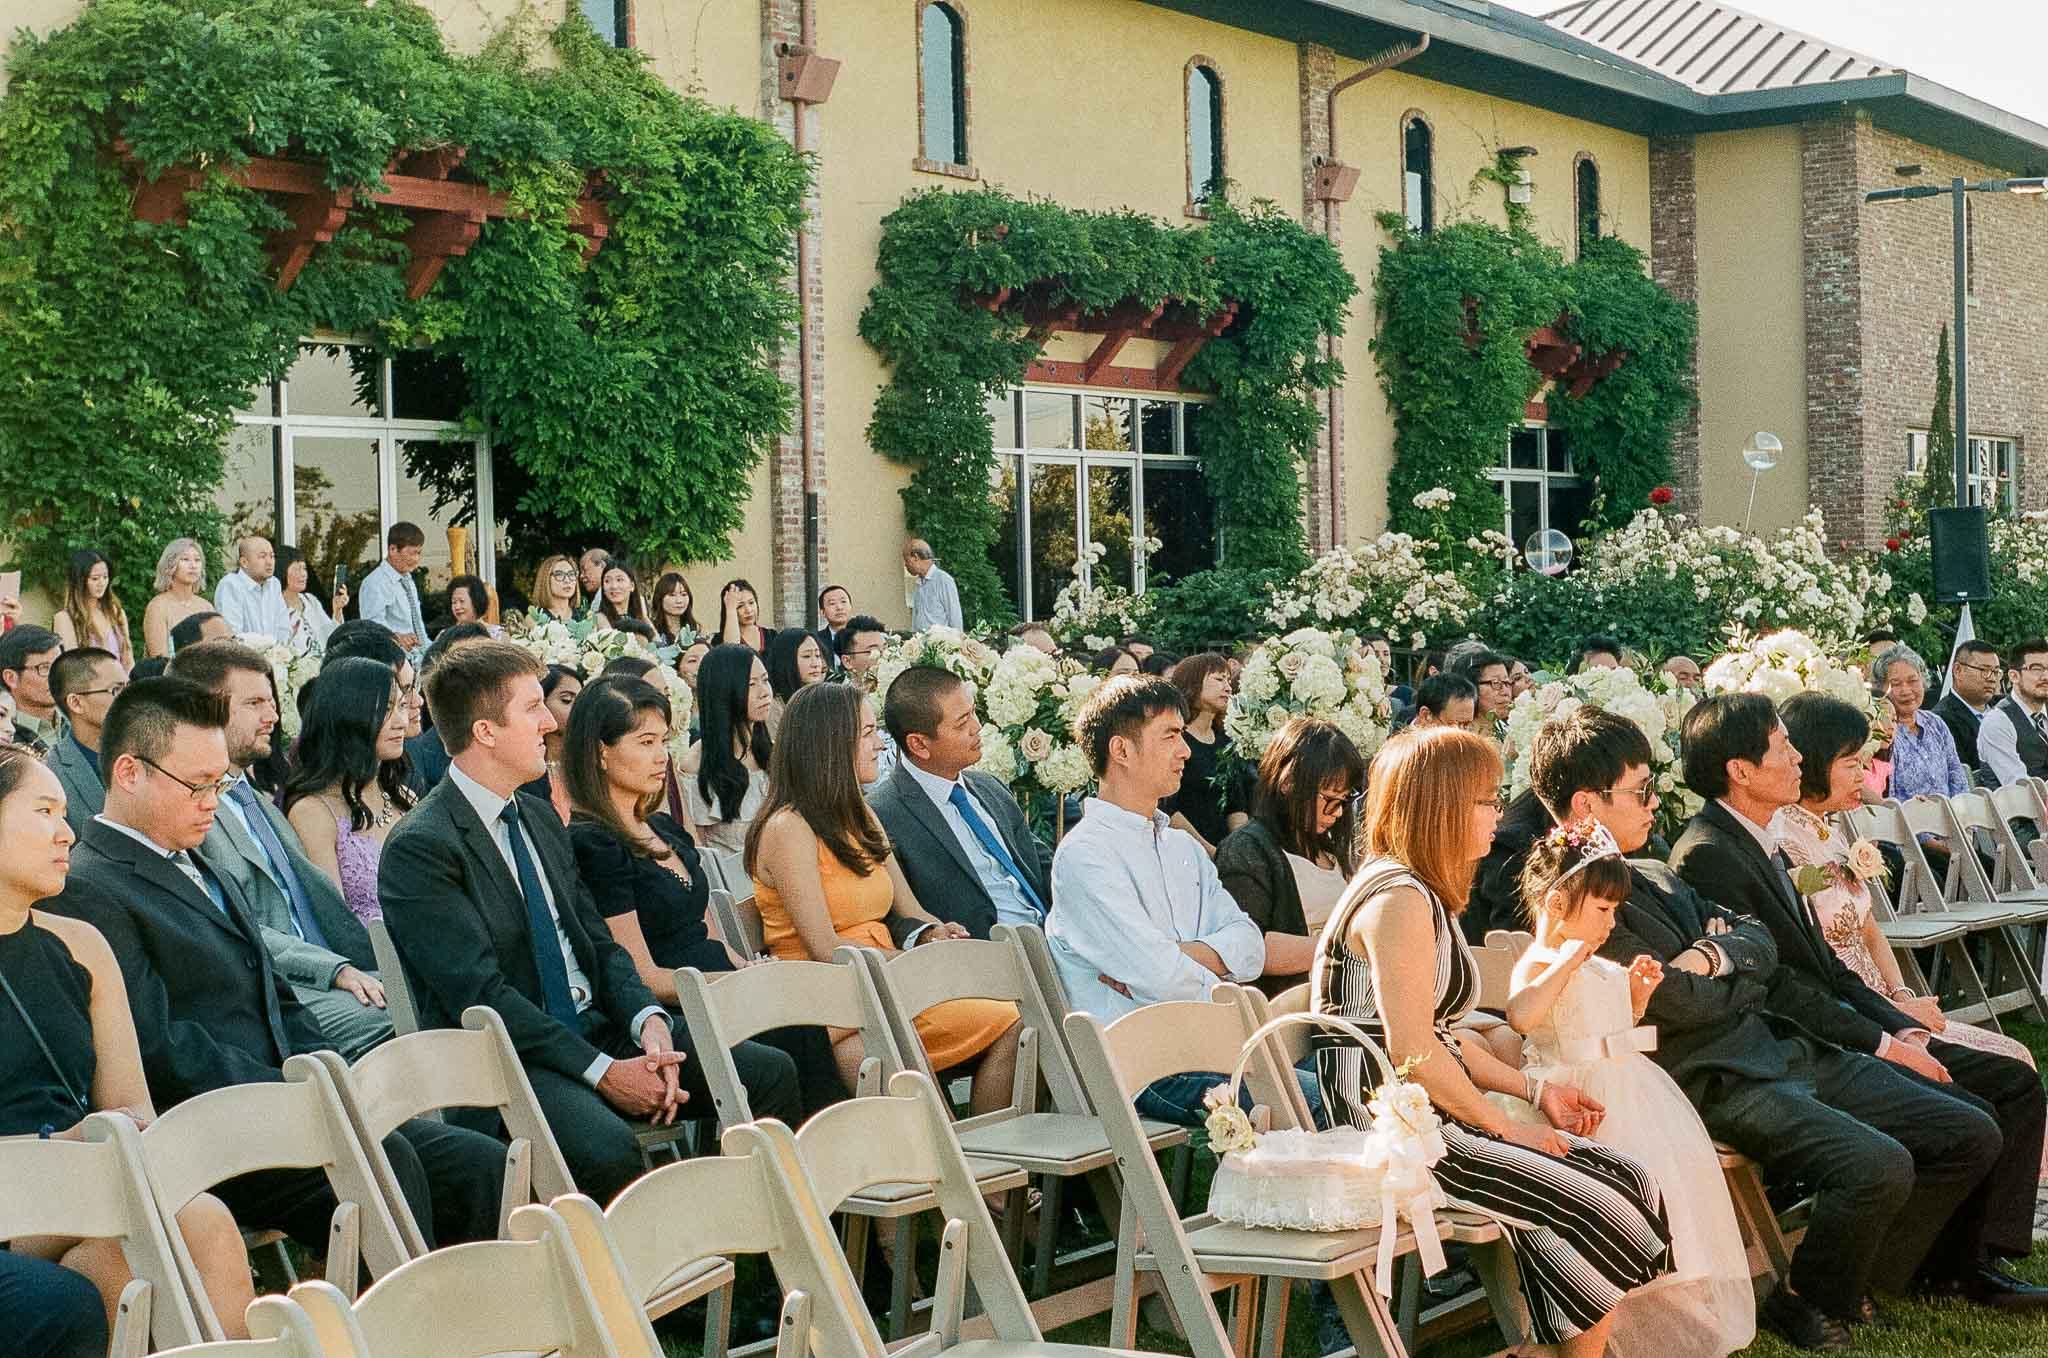 Wedding-Guests-Outdoor.jpg